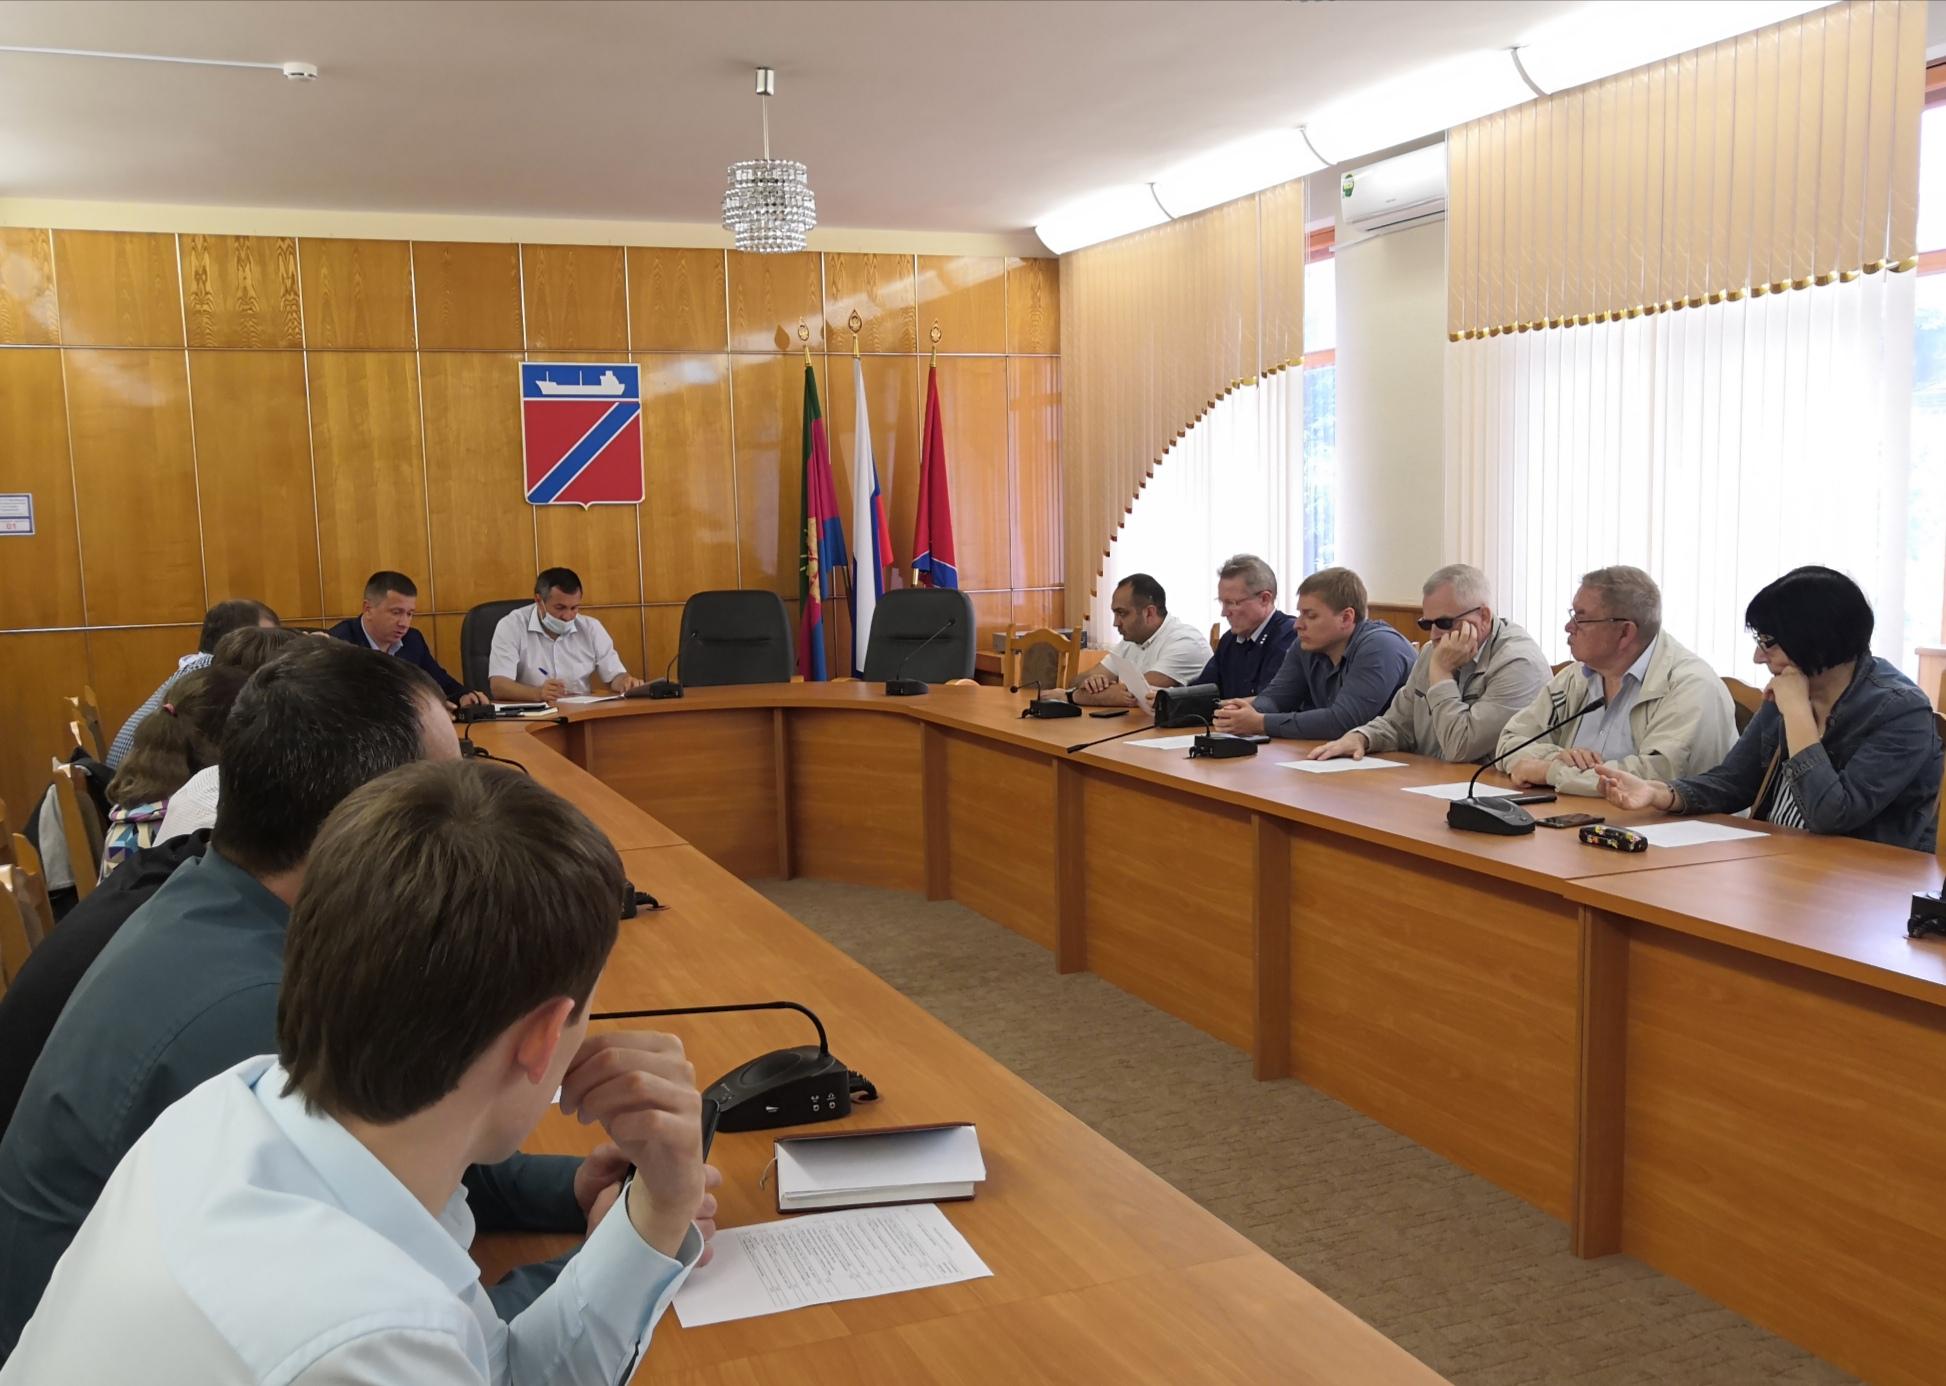 Общественная комиссия утвердила итоги голосования по благоустройству